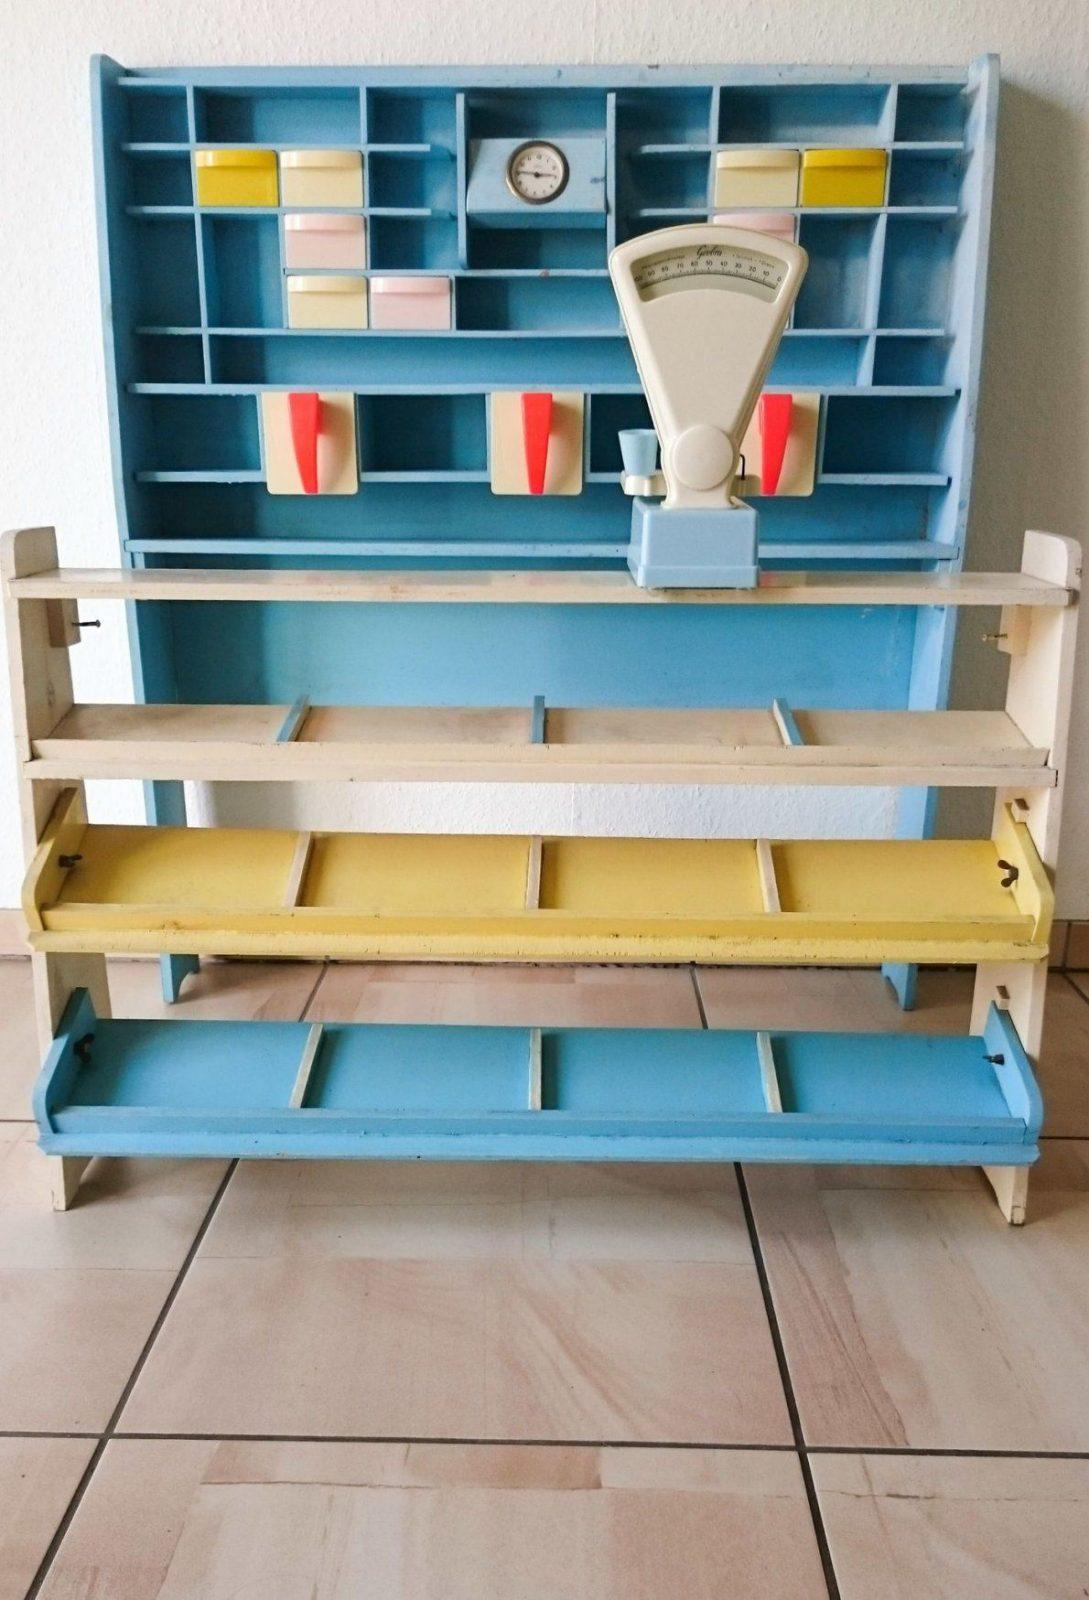 Kaufladen Bilder & Ideen Zum Selbermachen von Kinder Kaufladen Selber Bauen Photo